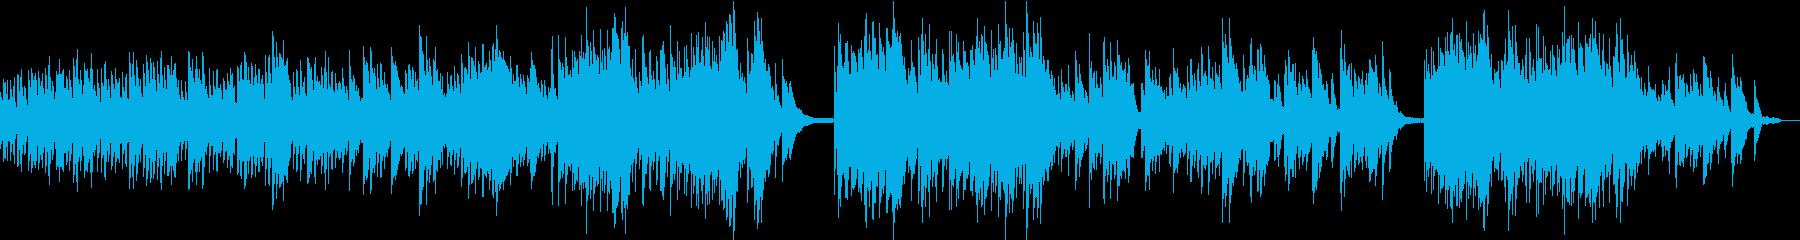 残滓・涙・切なく感動ソロピアノBGMの再生済みの波形